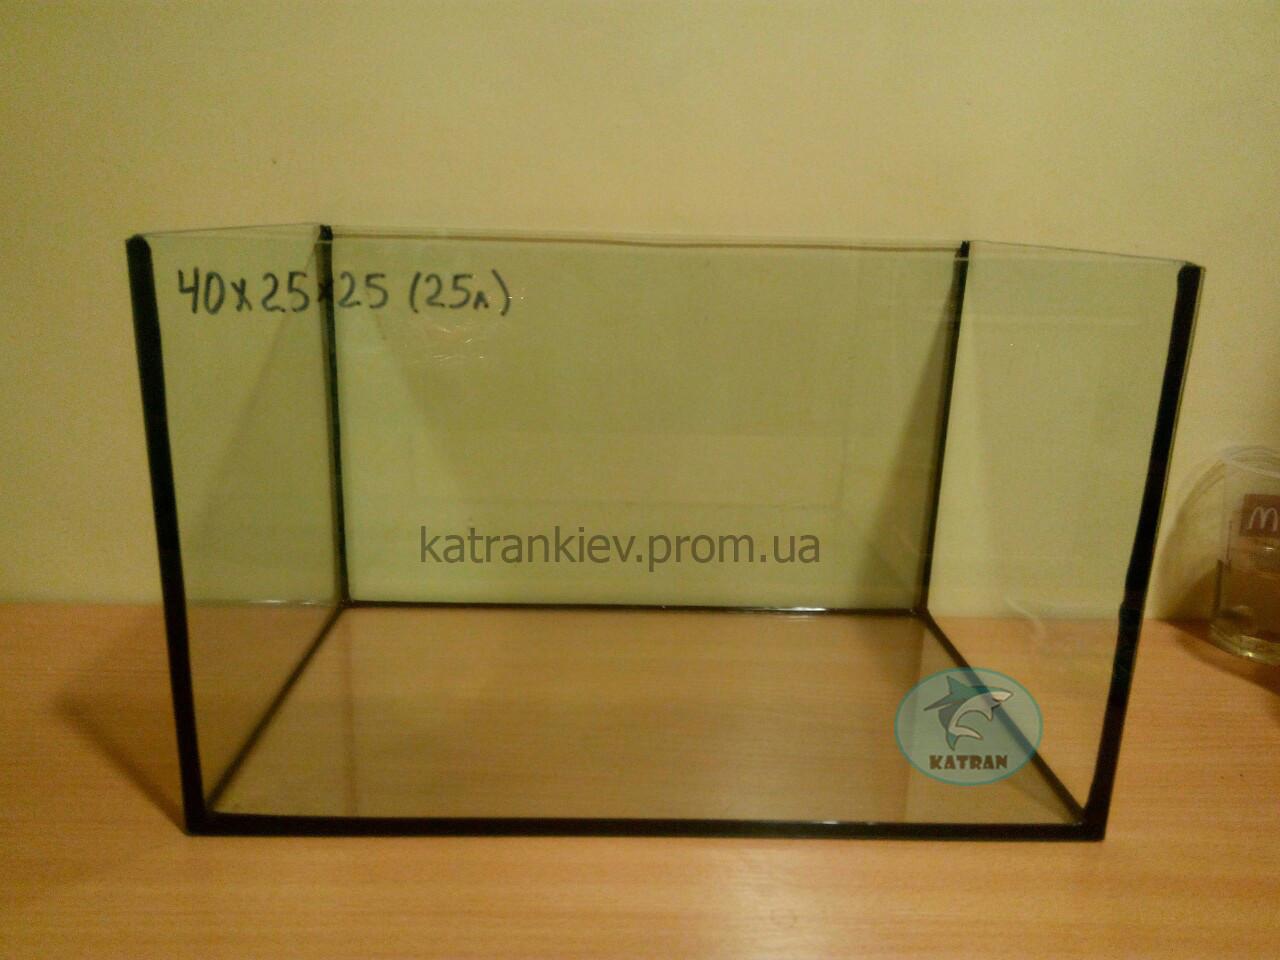 Аквариум 40*25*25 прямой (25 л) 4мм